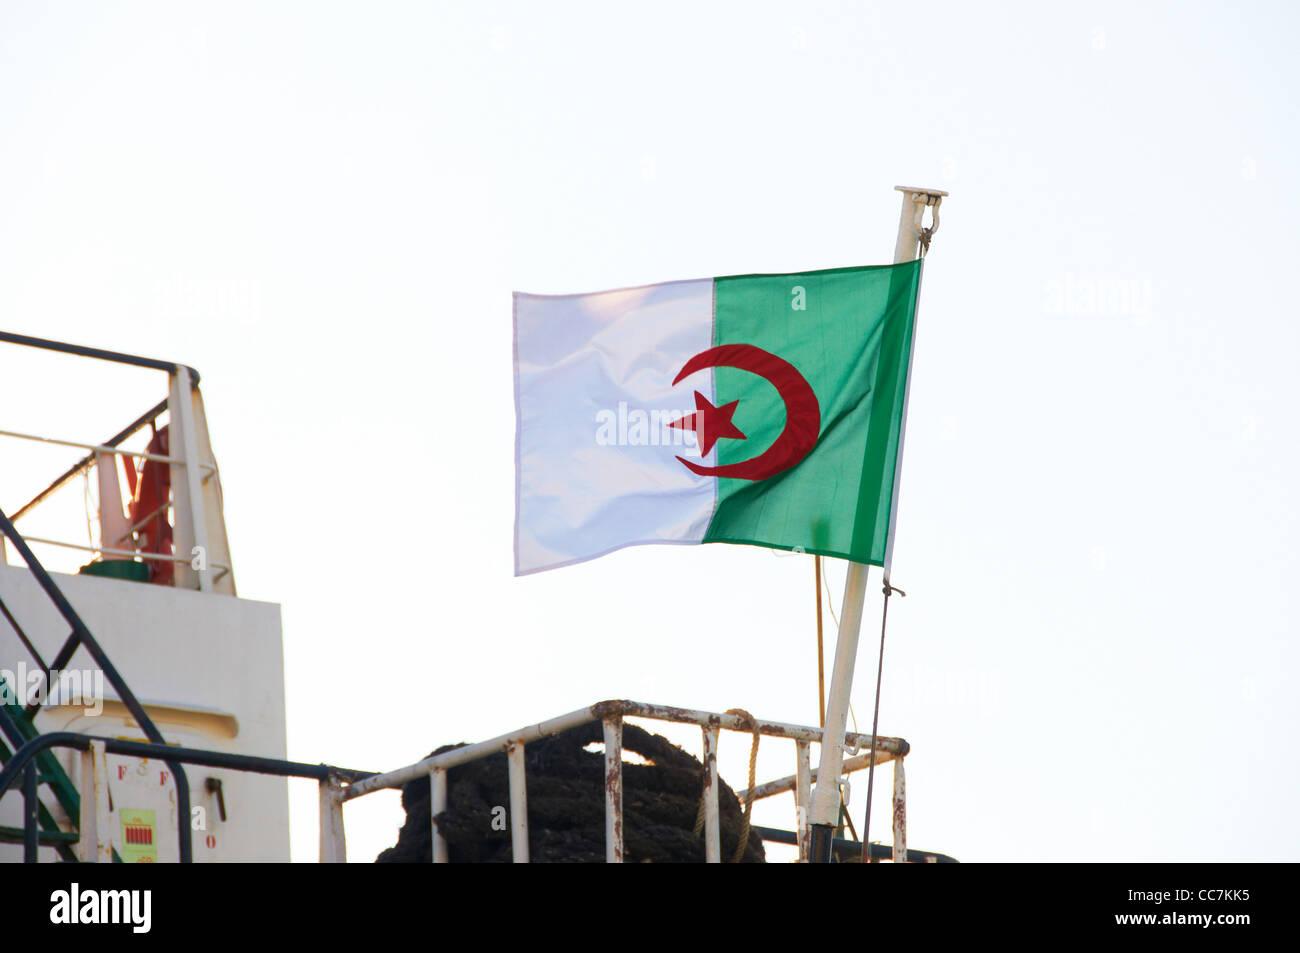 Bandera de Argelia Imagen De Stock